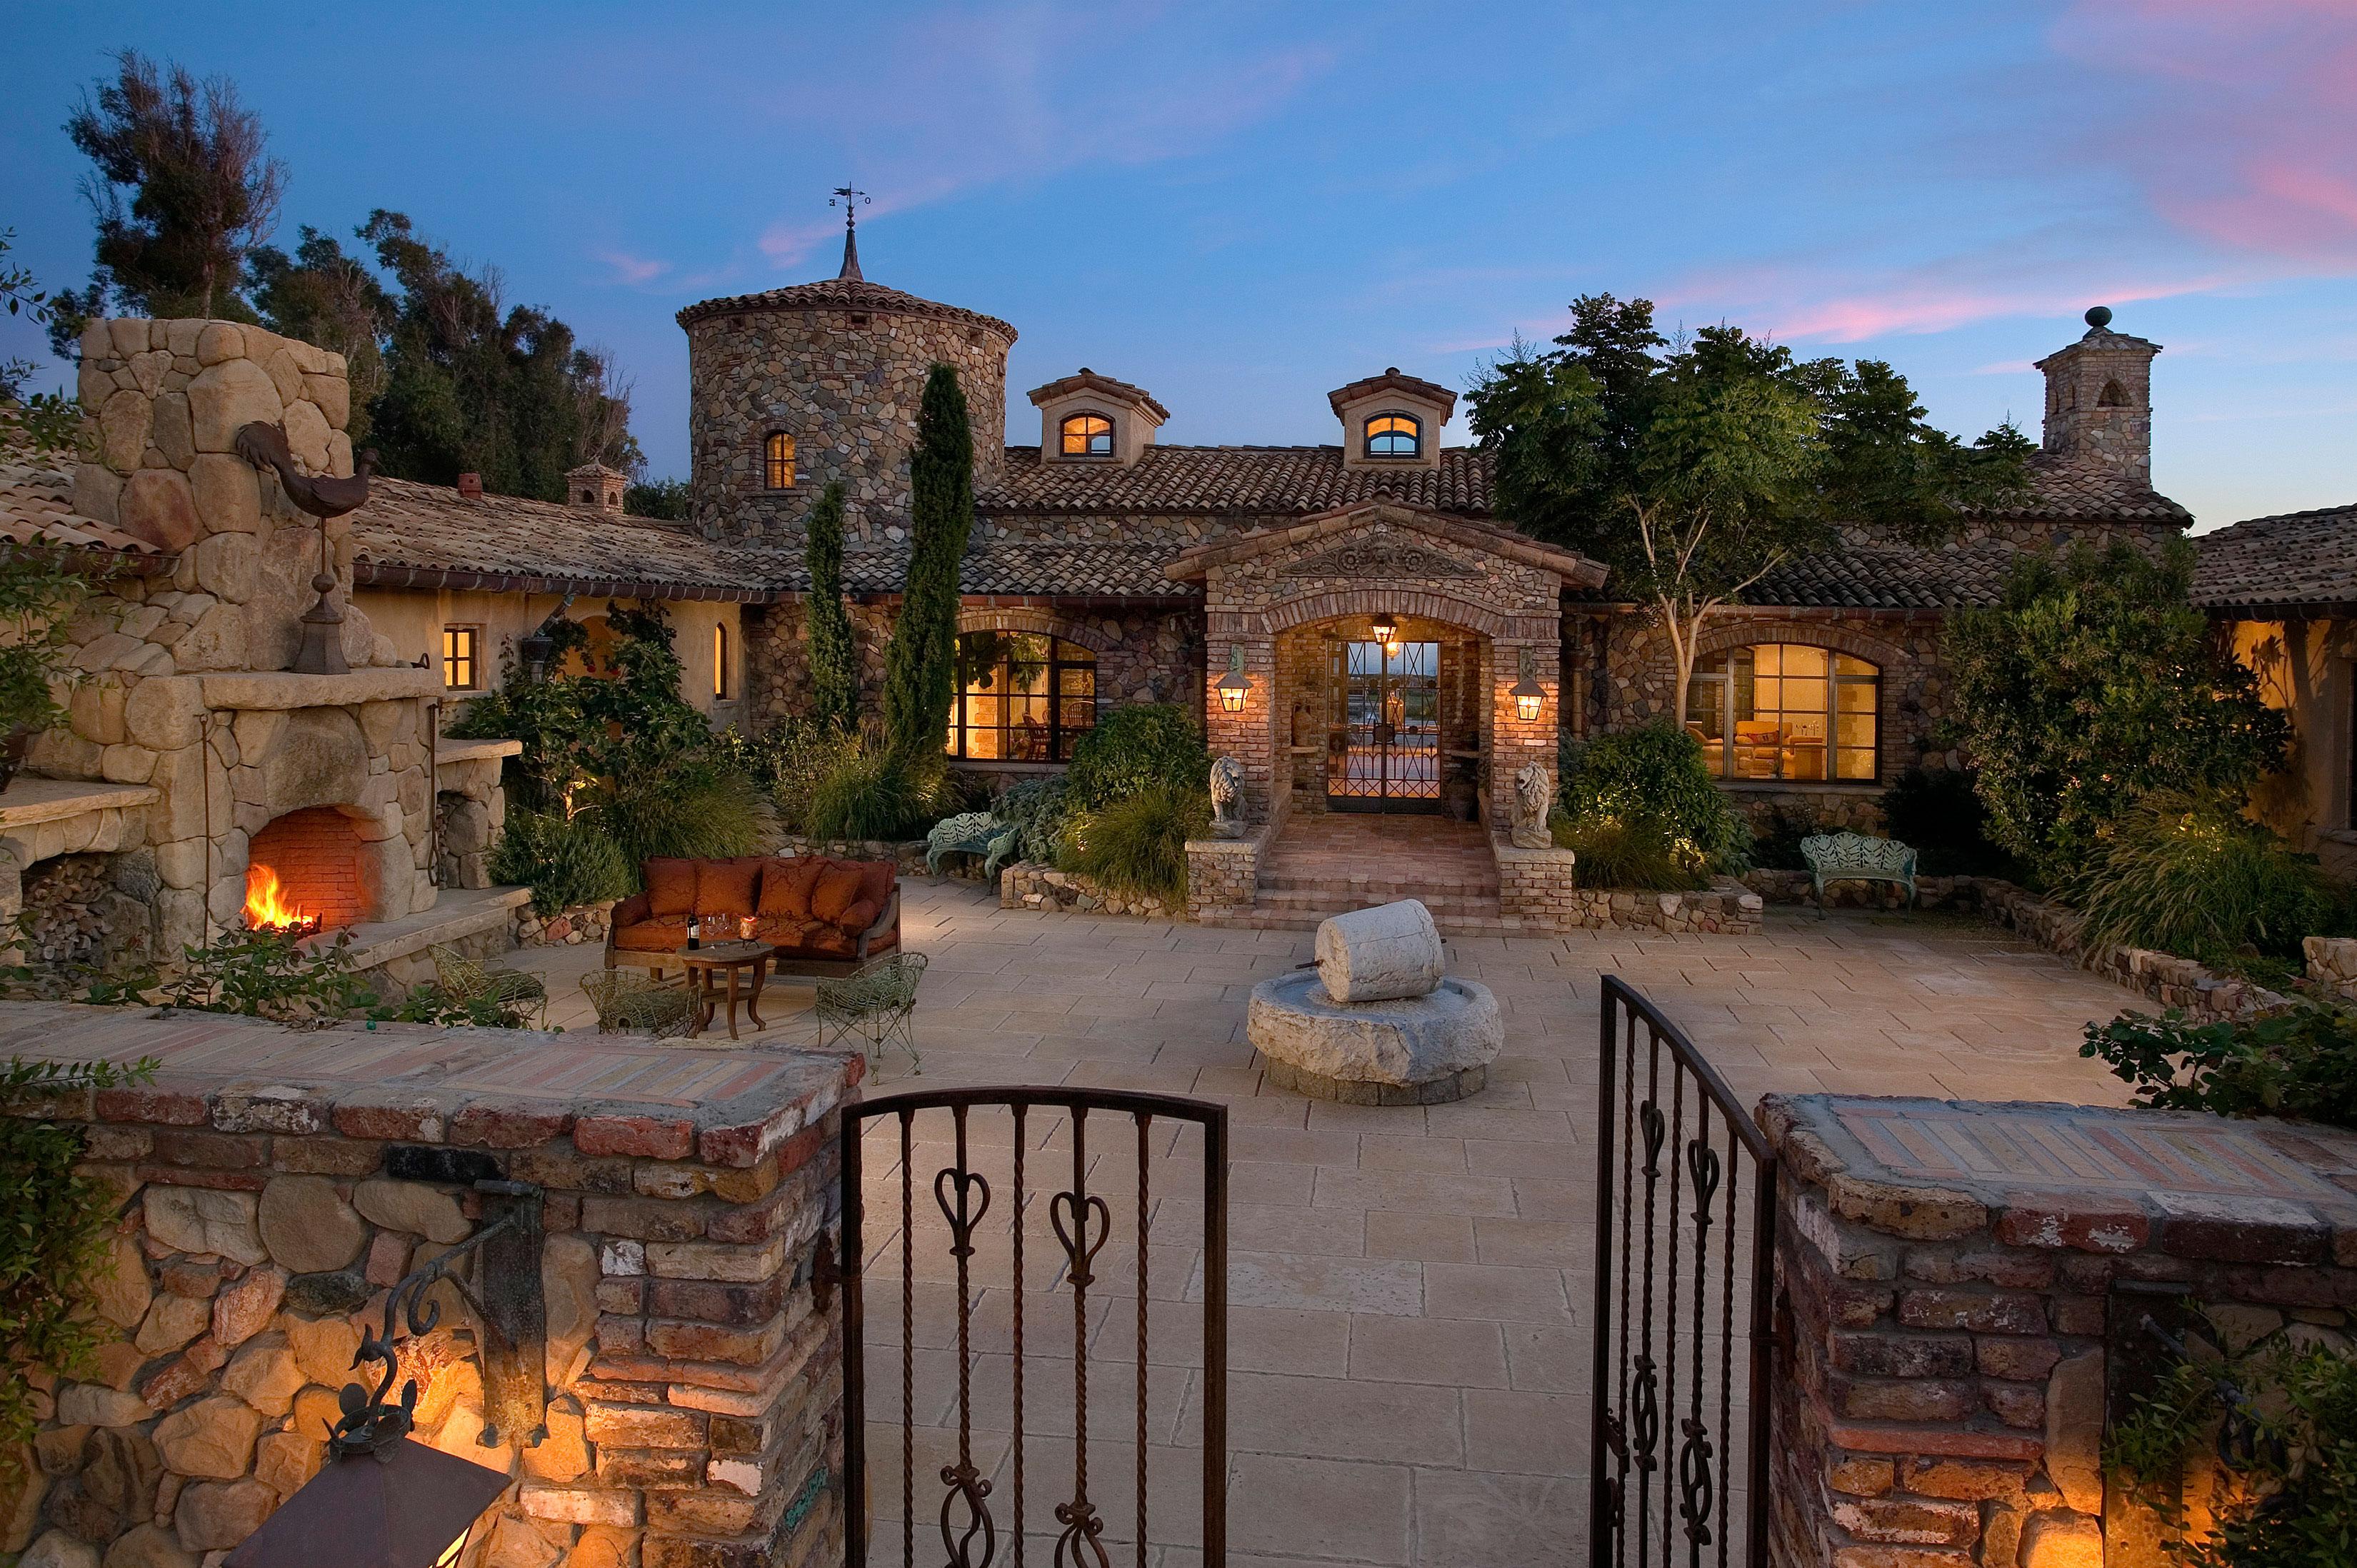 Tuscan Farmhouse On The Santa Barbara Coast Suzanne Perkins